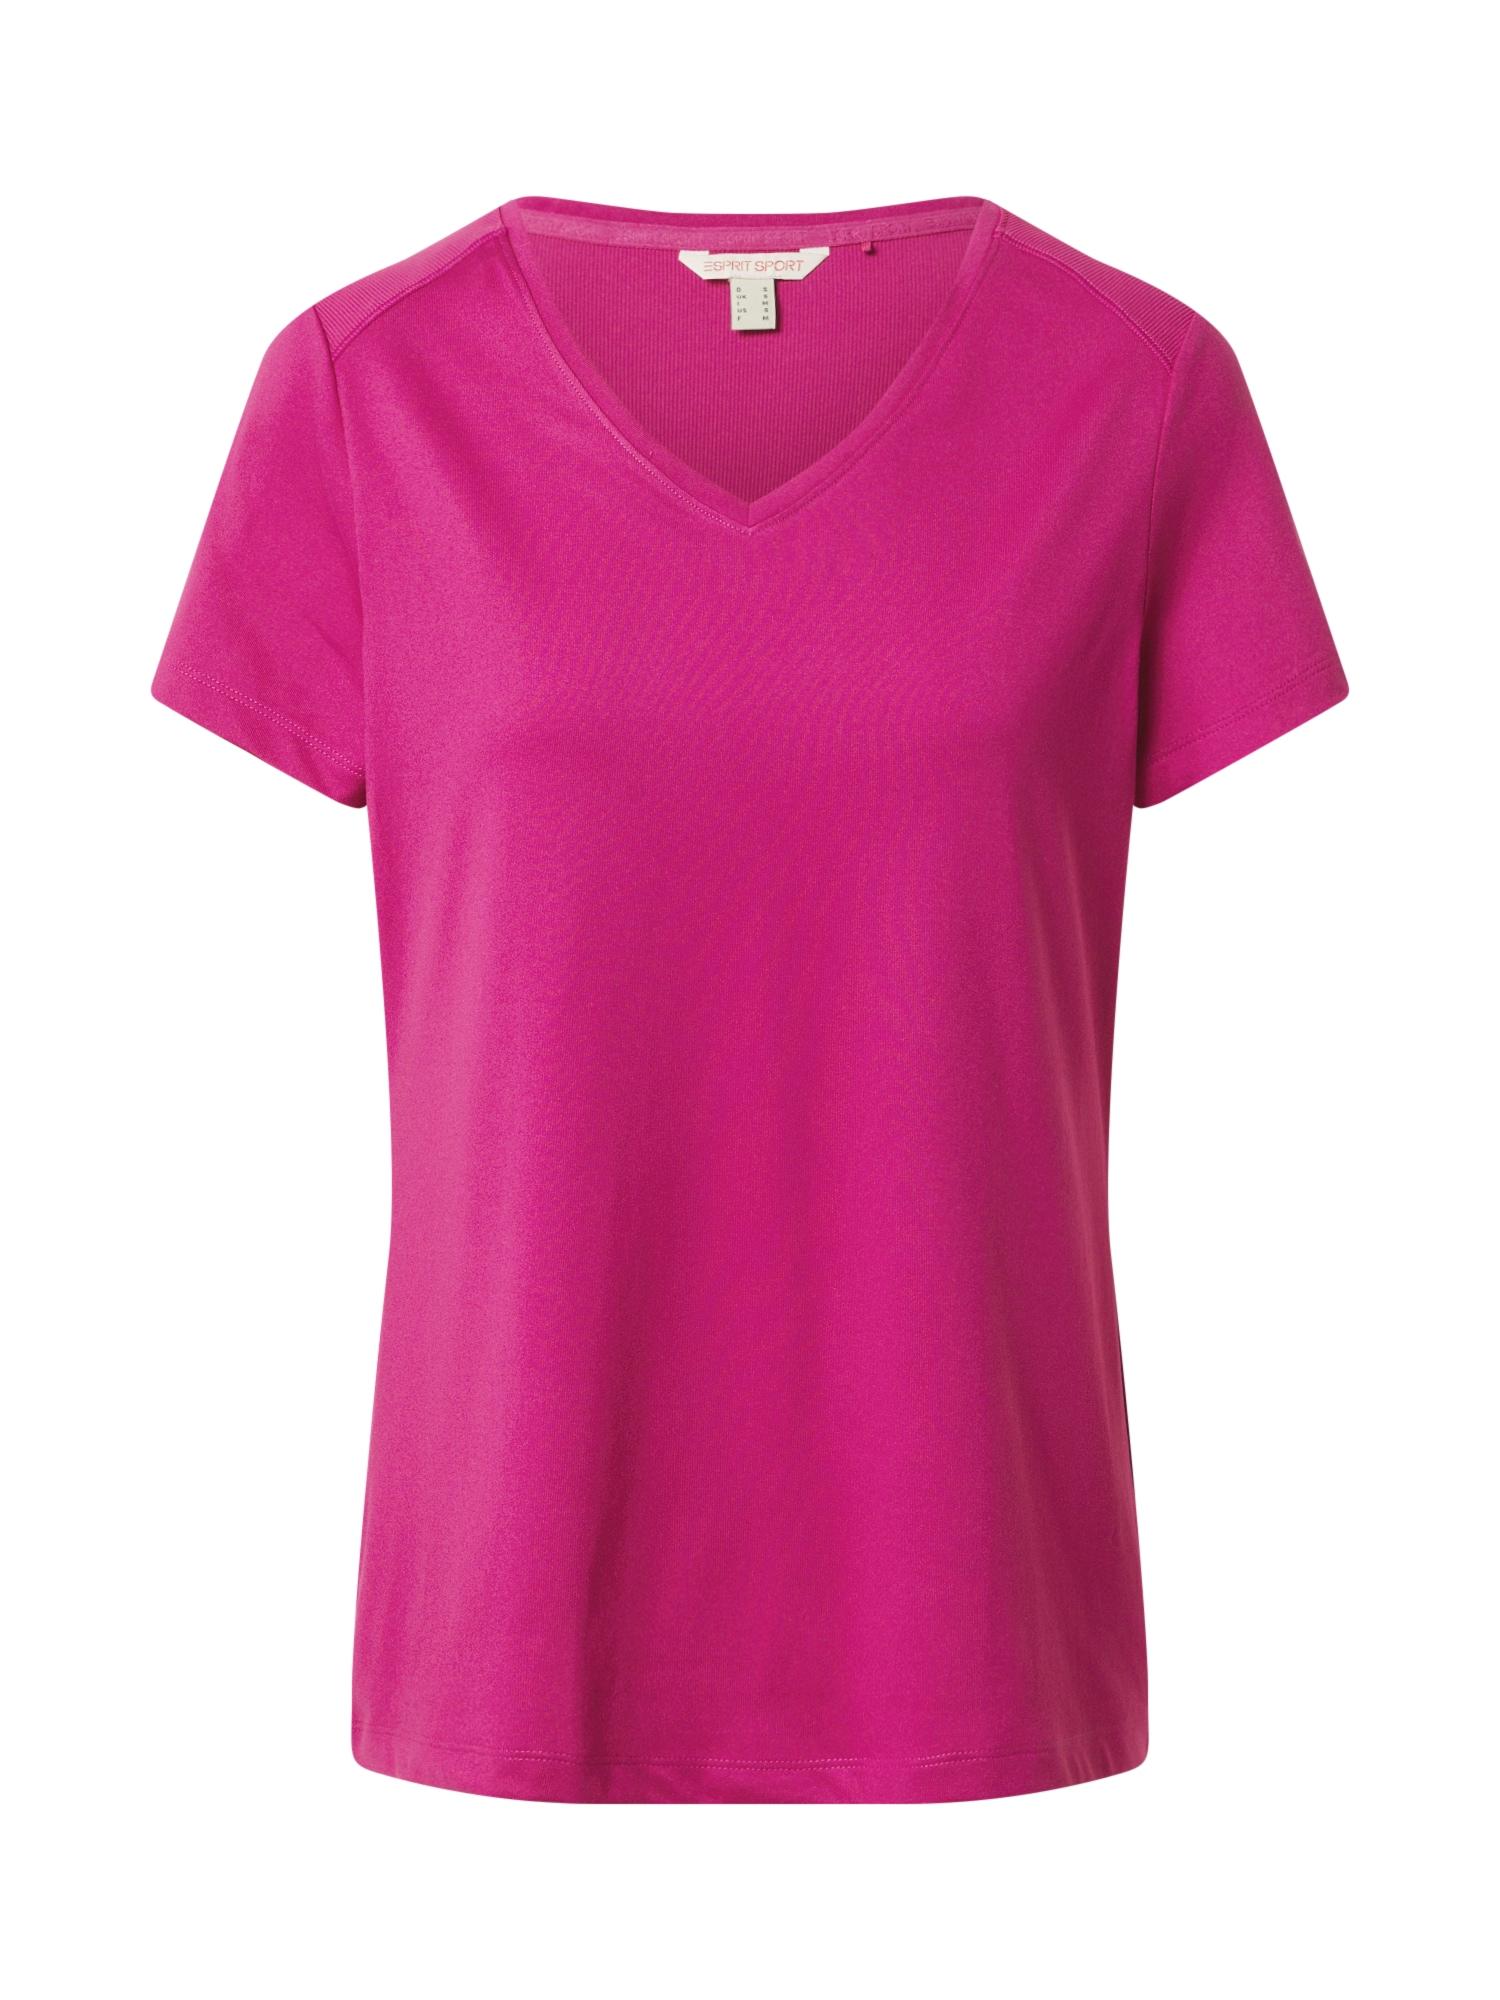 ESPRIT SPORT Sportiniai marškinėliai